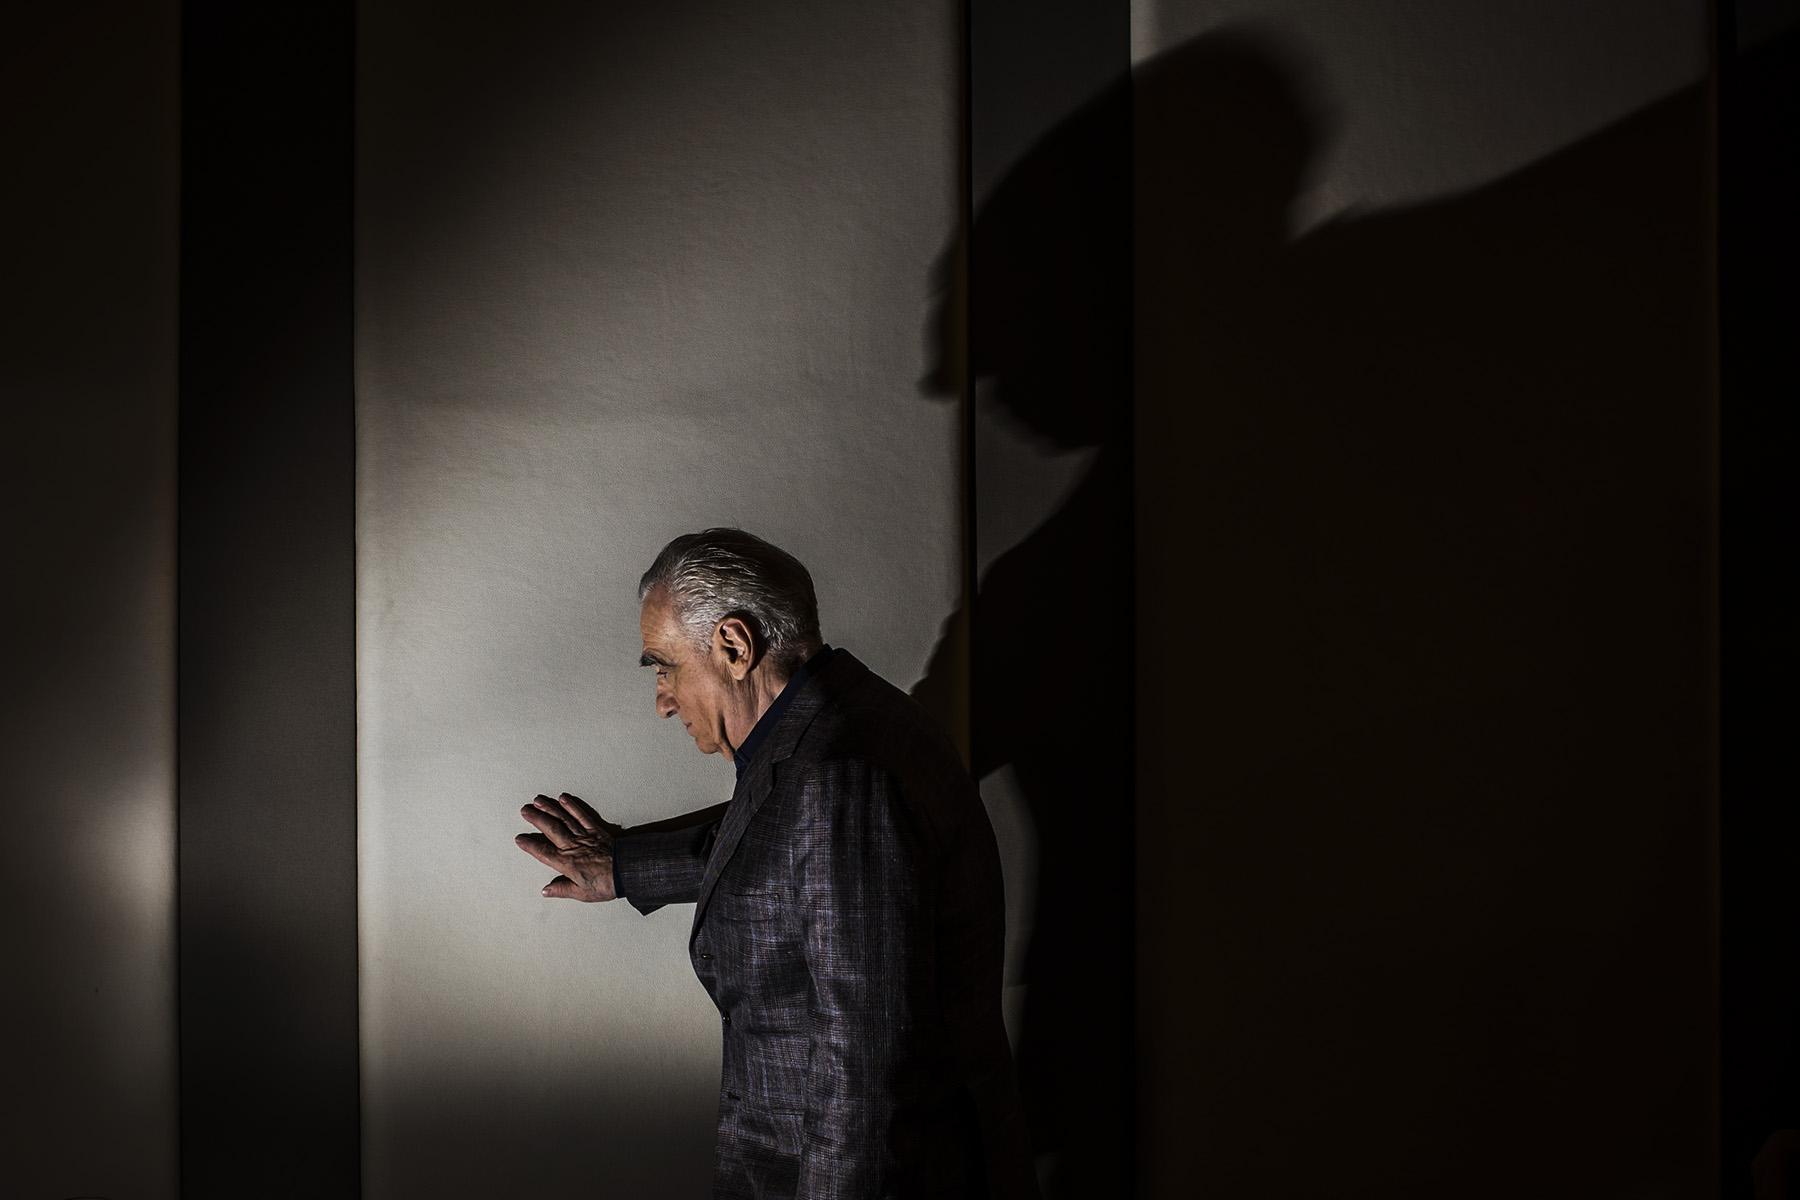 Rueda de prensa del Director de Cine, Martin Scorsese, Premio Princesa de Asturias de las ArtesPremios Princesa de Asturias 2018© Alberto R. Roldan  / Diario La Razon 17 10 2018